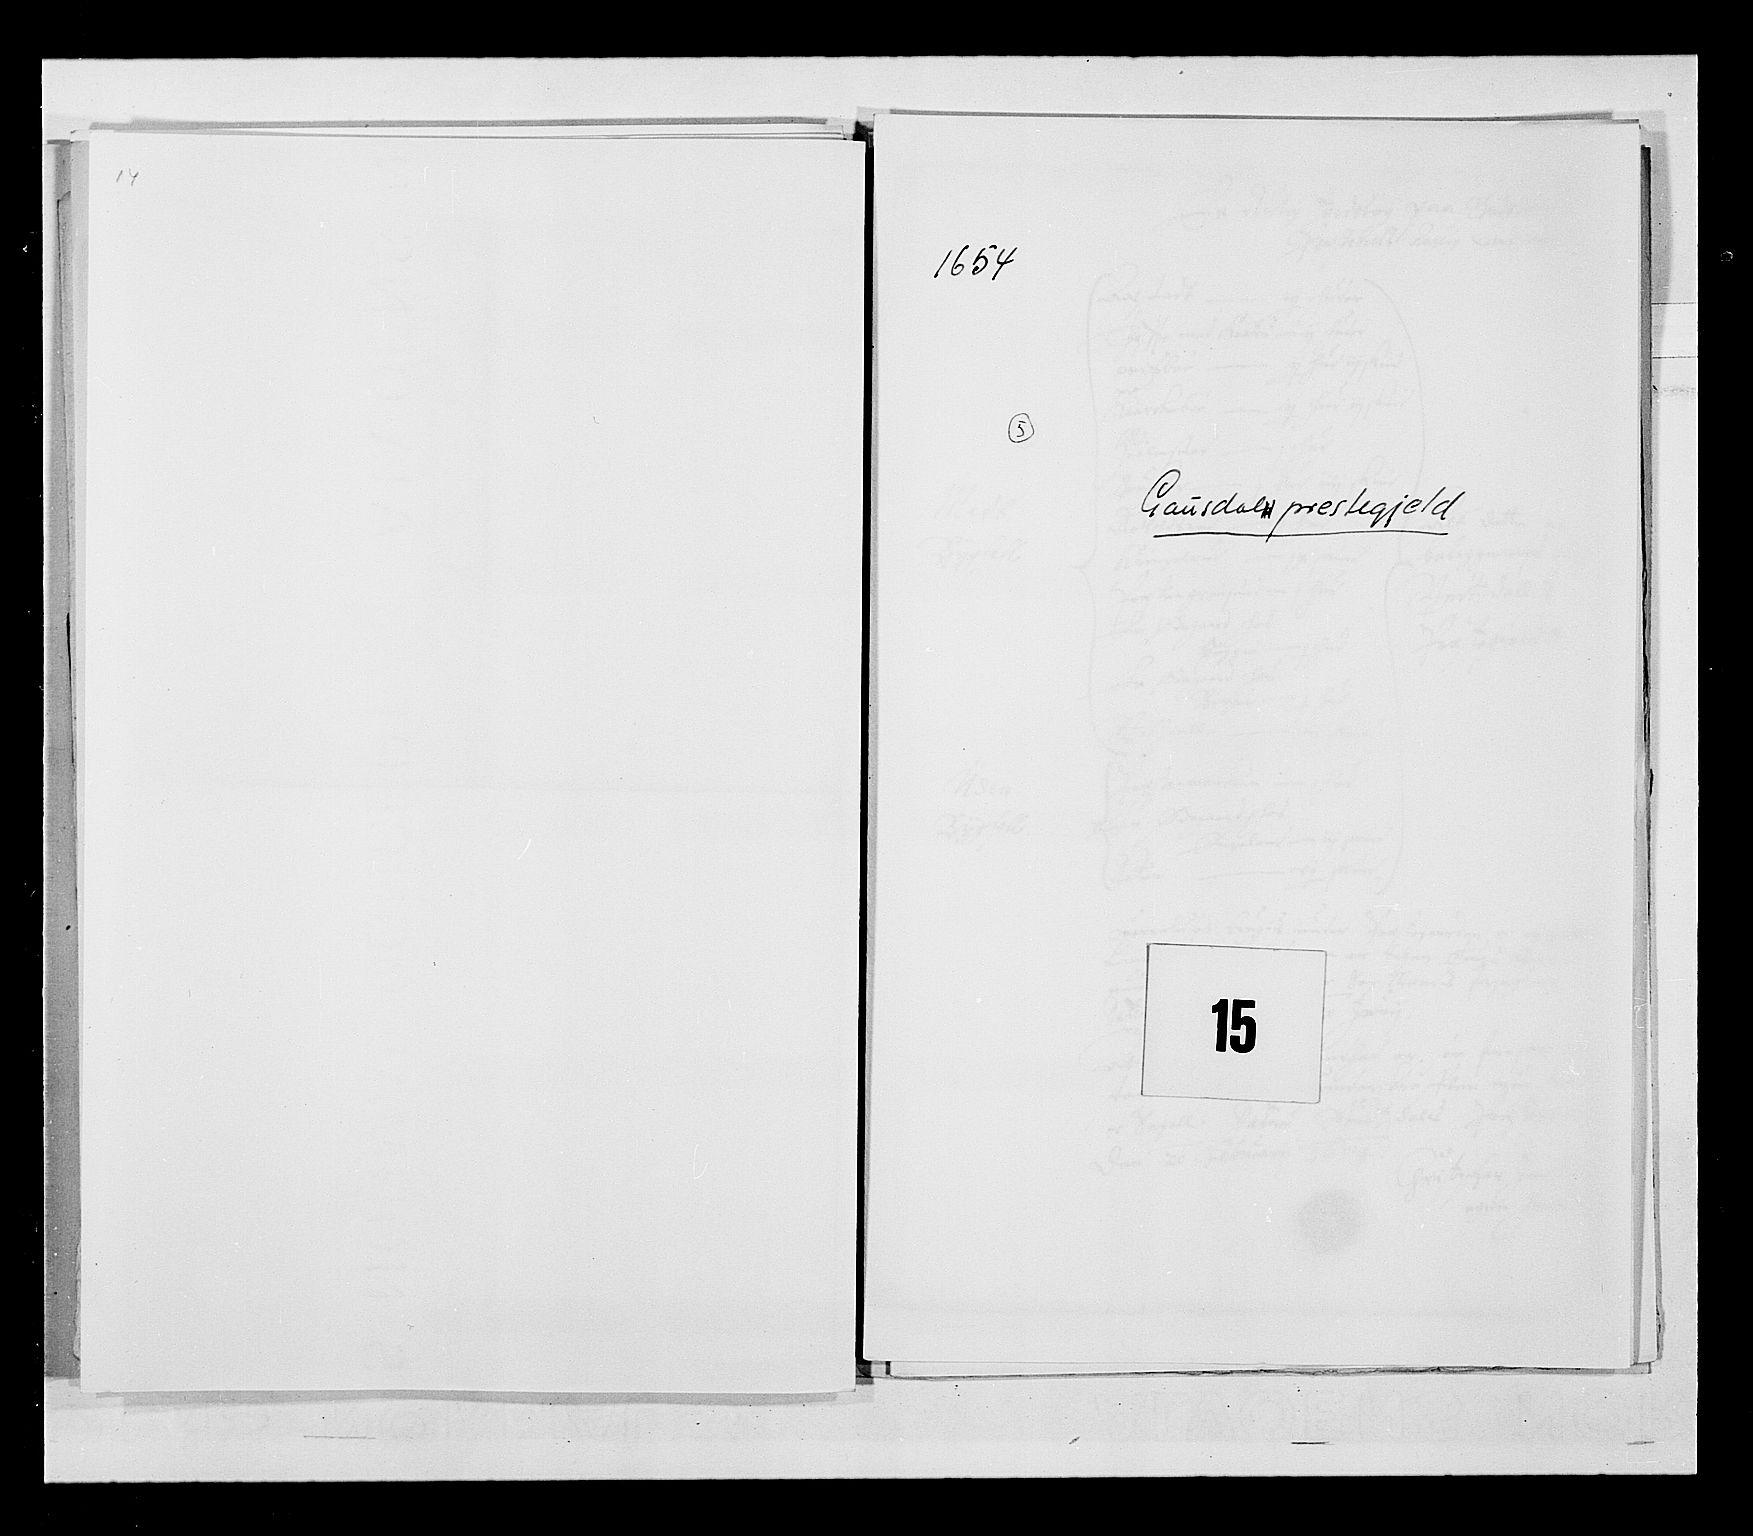 RA, Stattholderembetet 1572-1771, Ek/L0030: Jordebøker 1633-1658:, 1654, s. 67